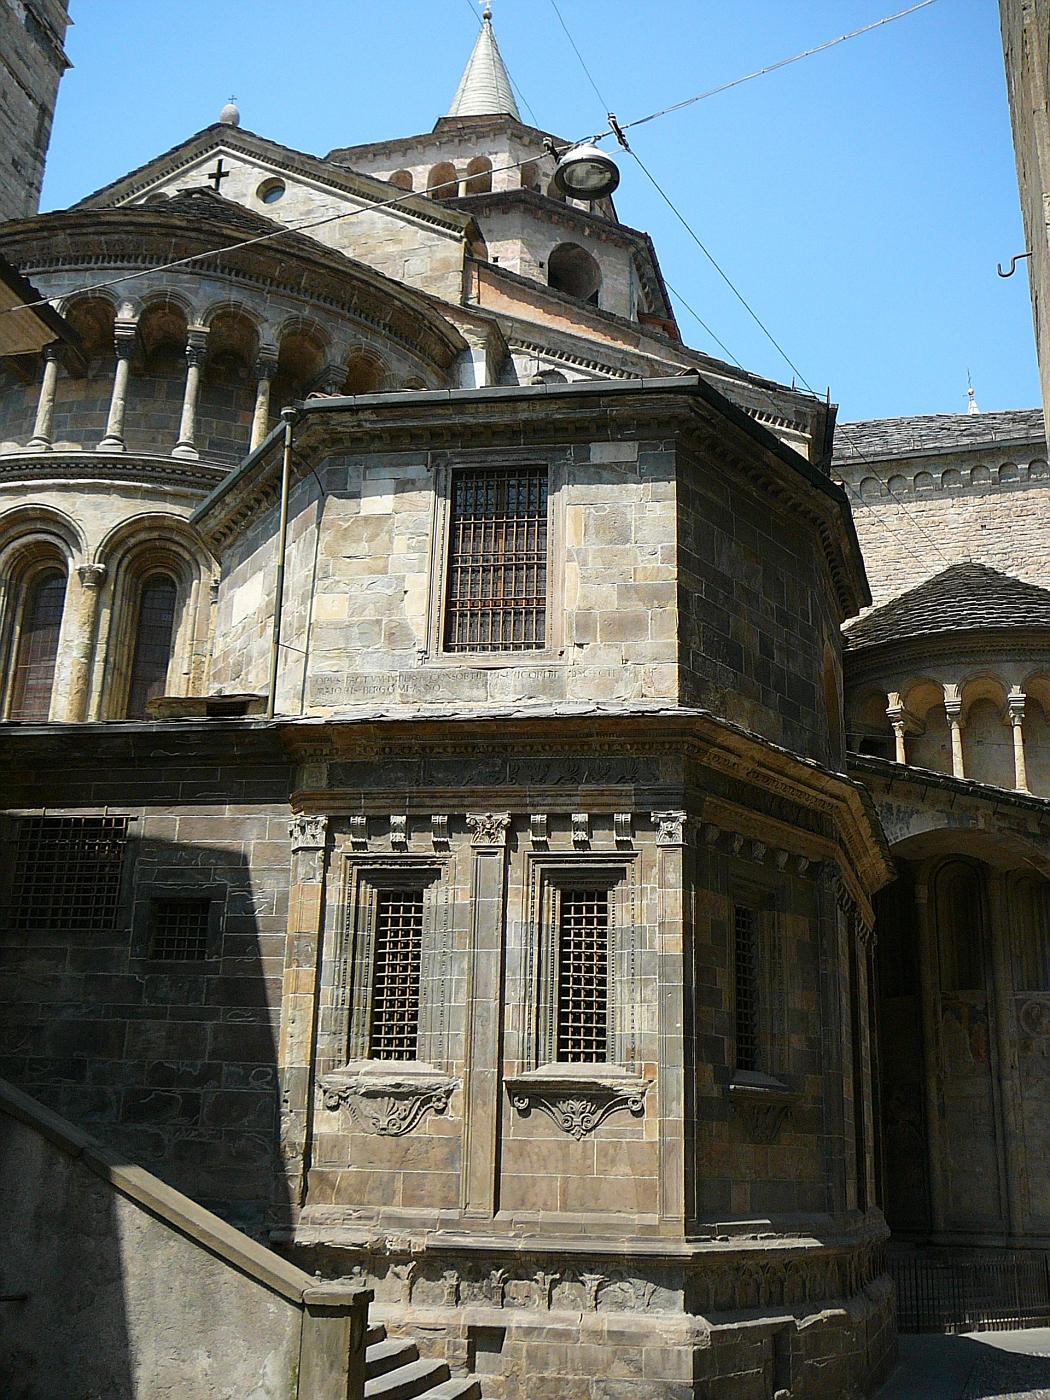 Old Church - again